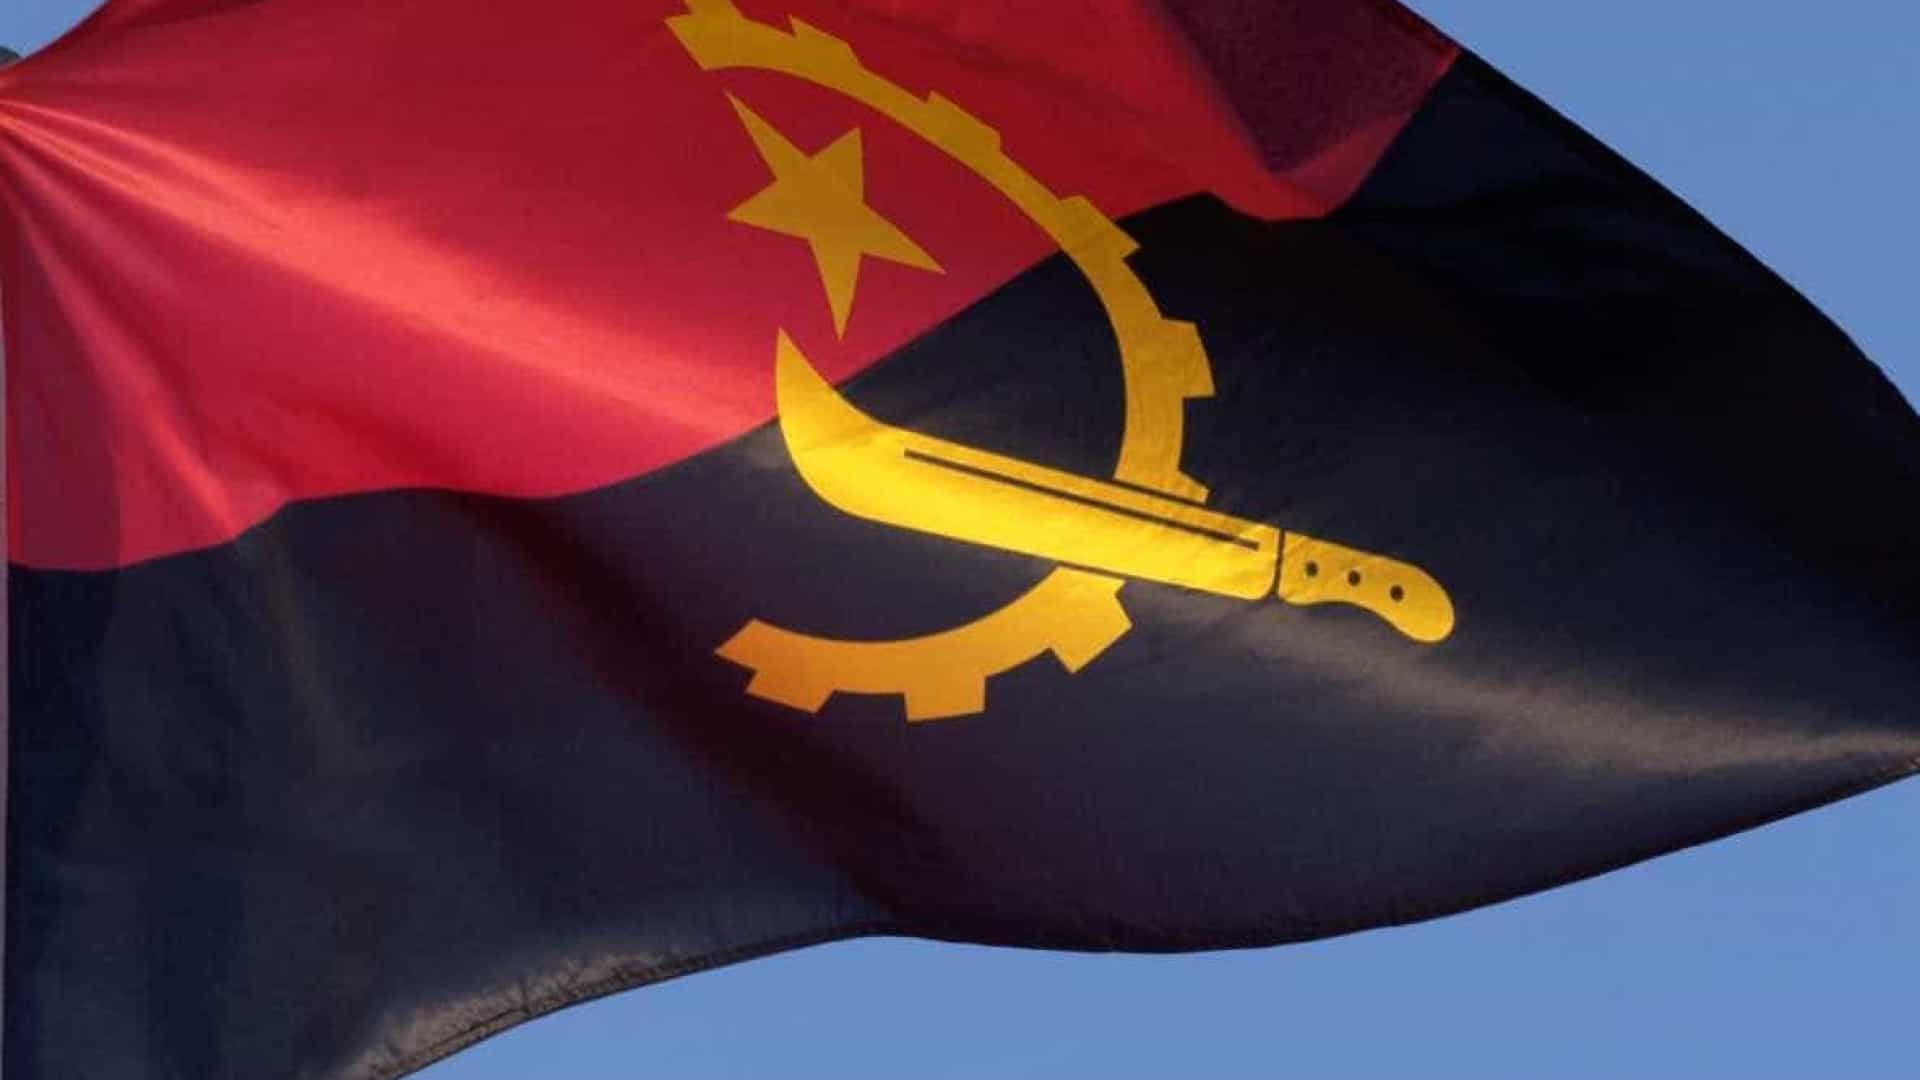 Bancos angolanos recebem 350 milhões em 15 dias